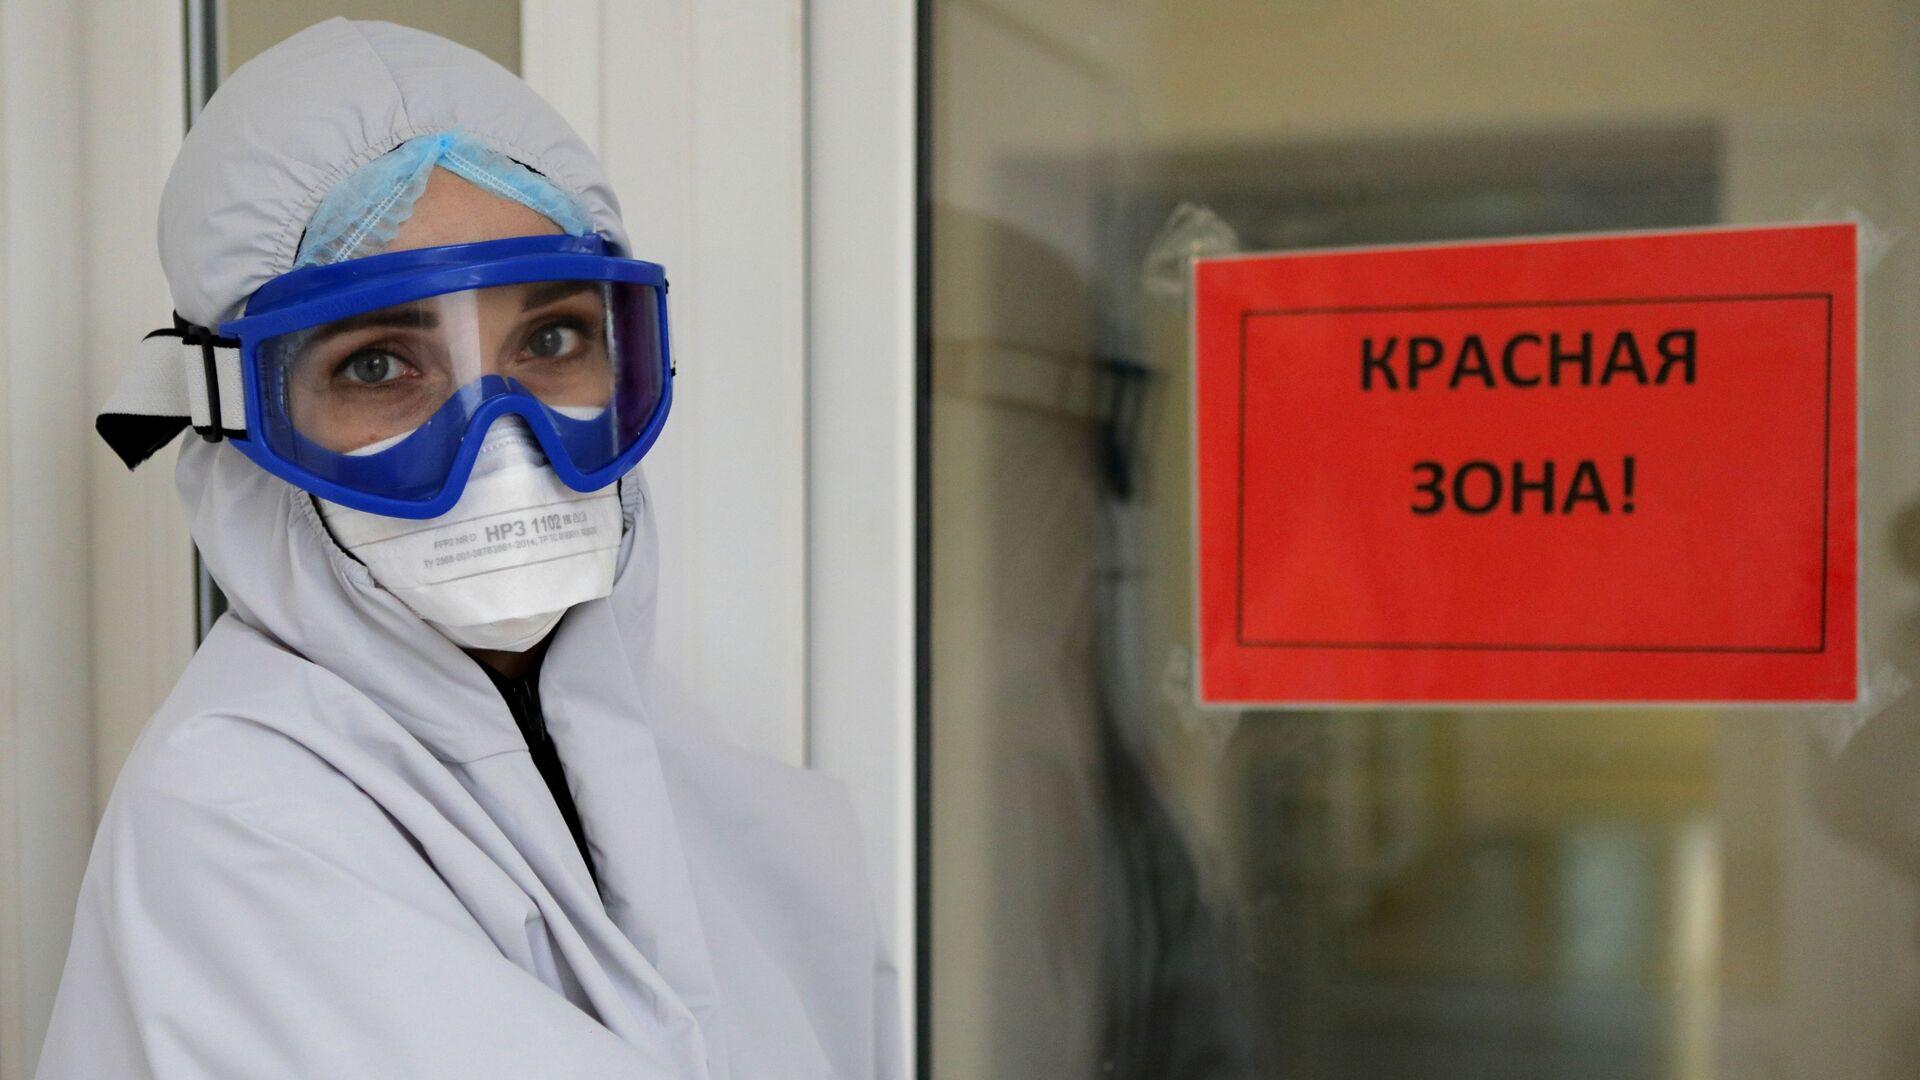 Работа ковид-госпиталя в Белгородской области - Sputnik Аҧсны, 1920, 02.09.2021